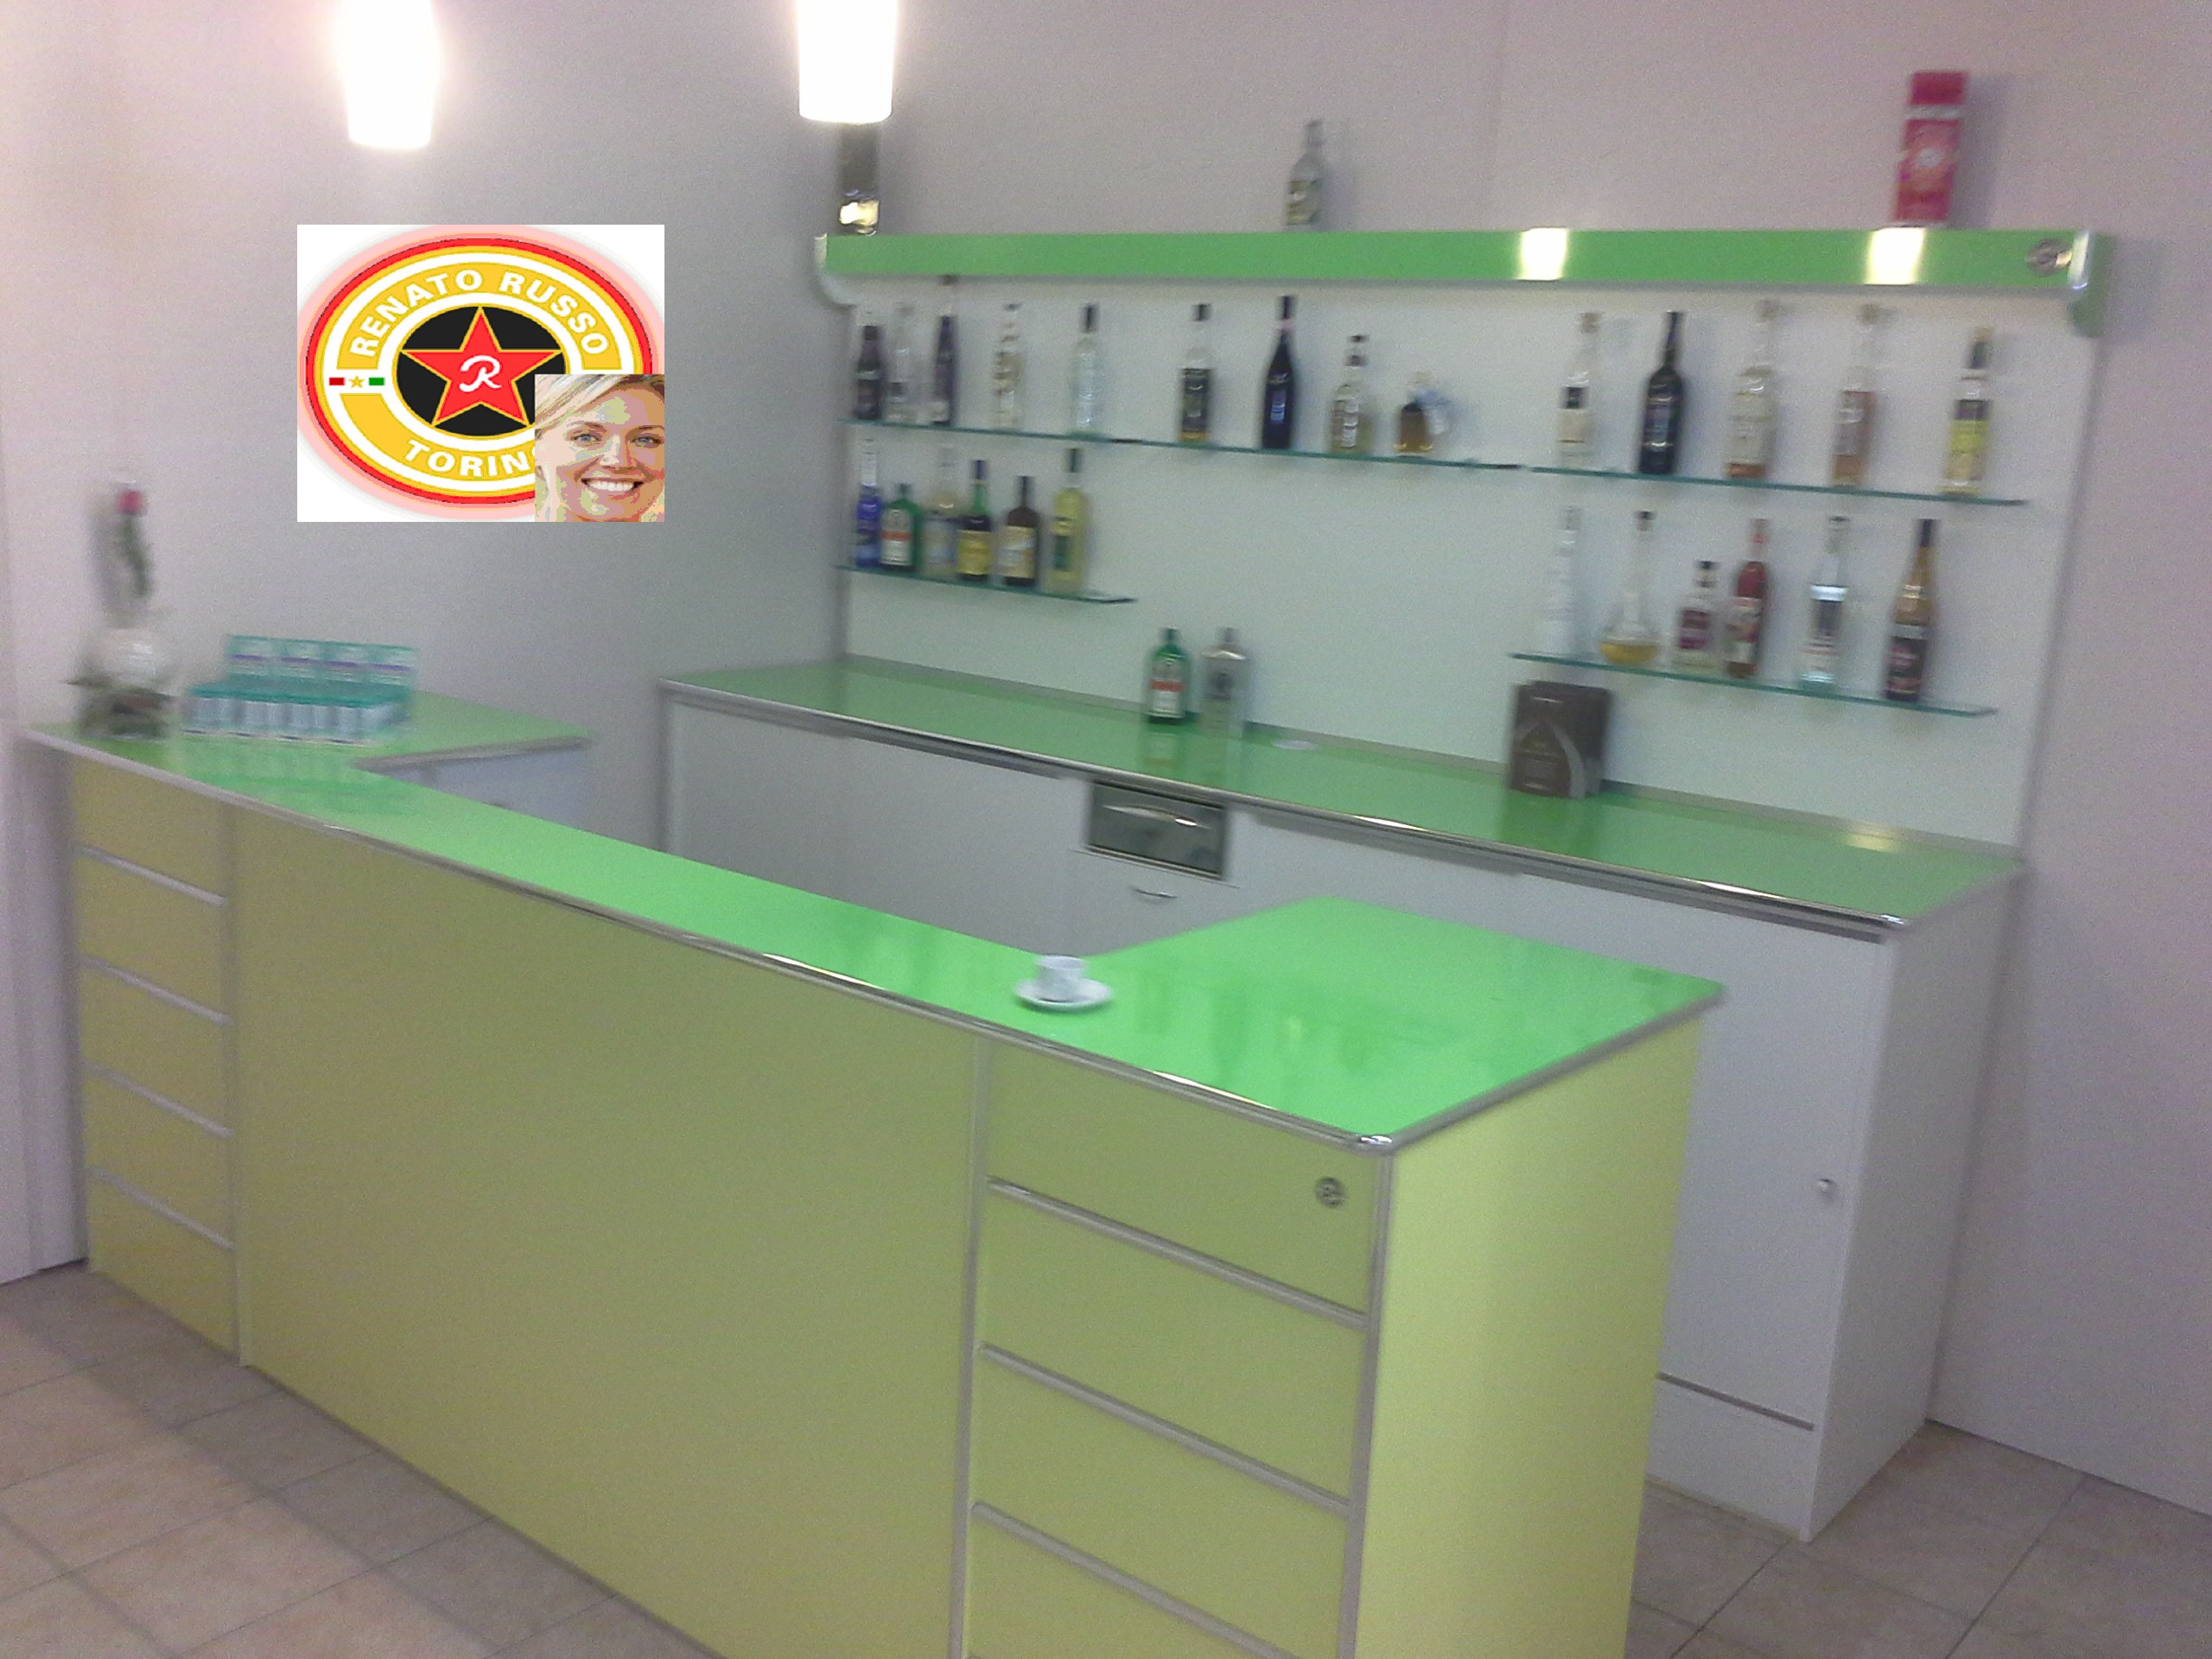 Produttori banconi bar dal 1980 renato russo torino for Arredamento per bar prezzi